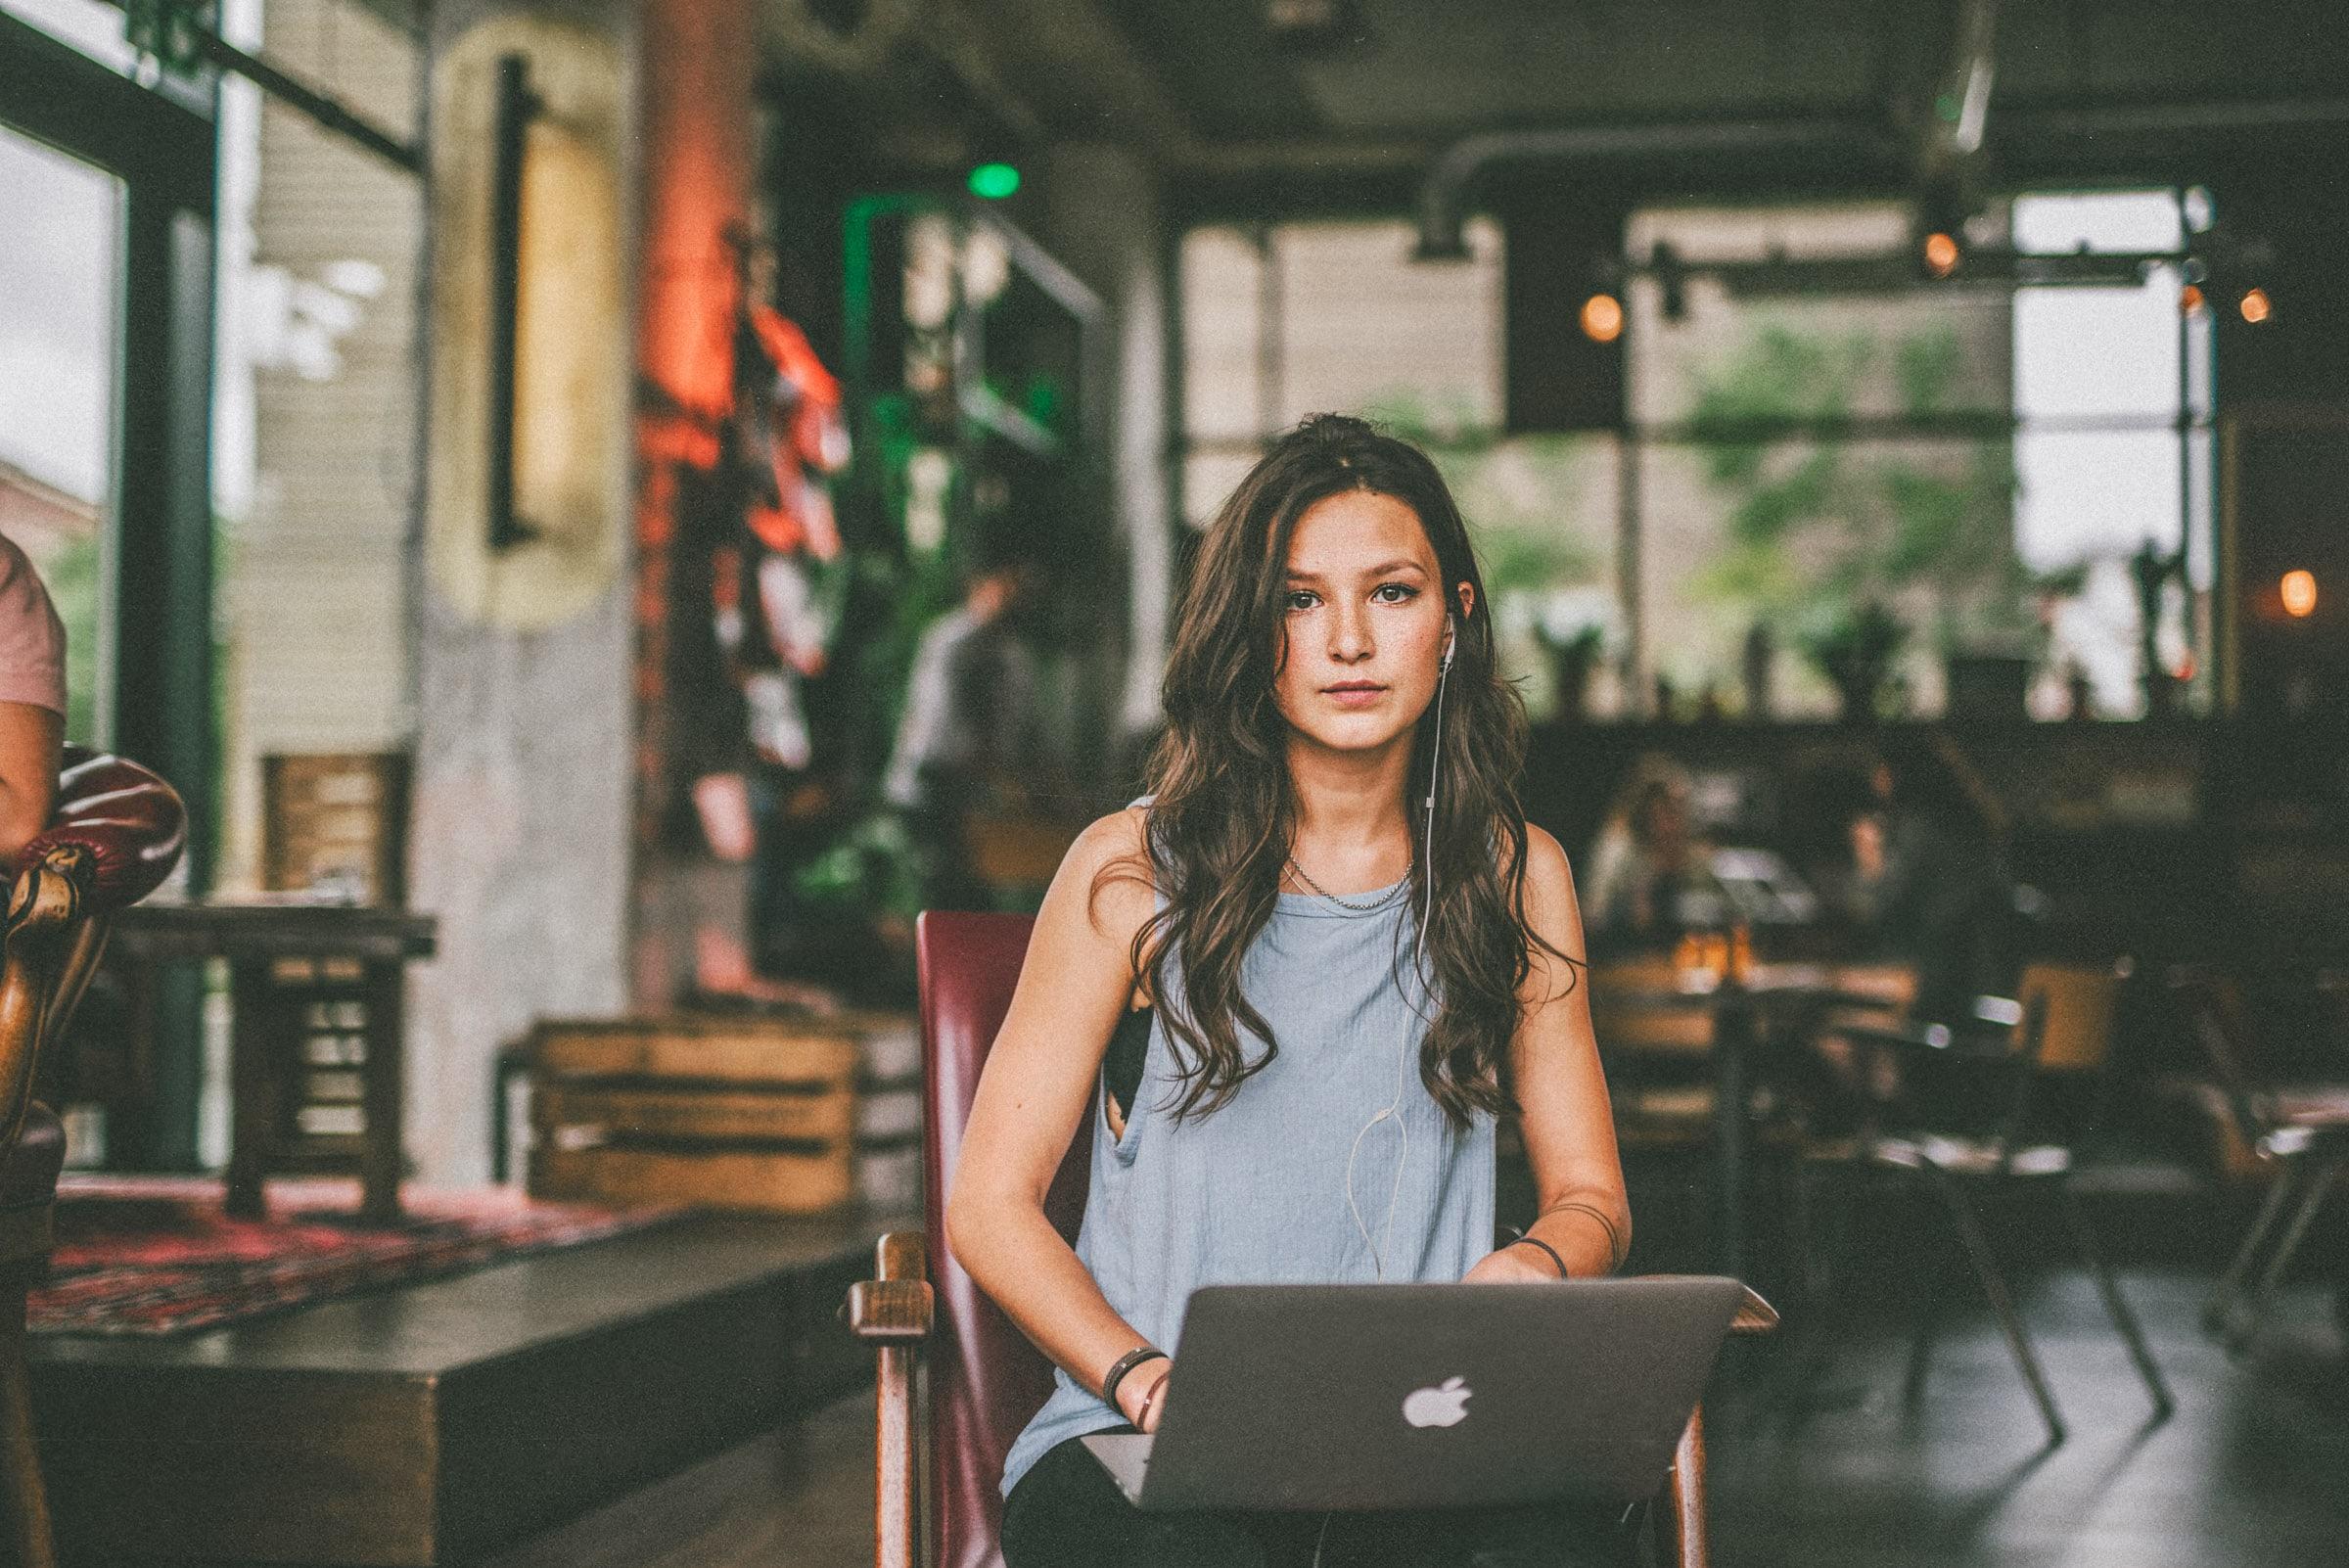 Mädchen sitzt auf einem Stuhl mit einem Laptop